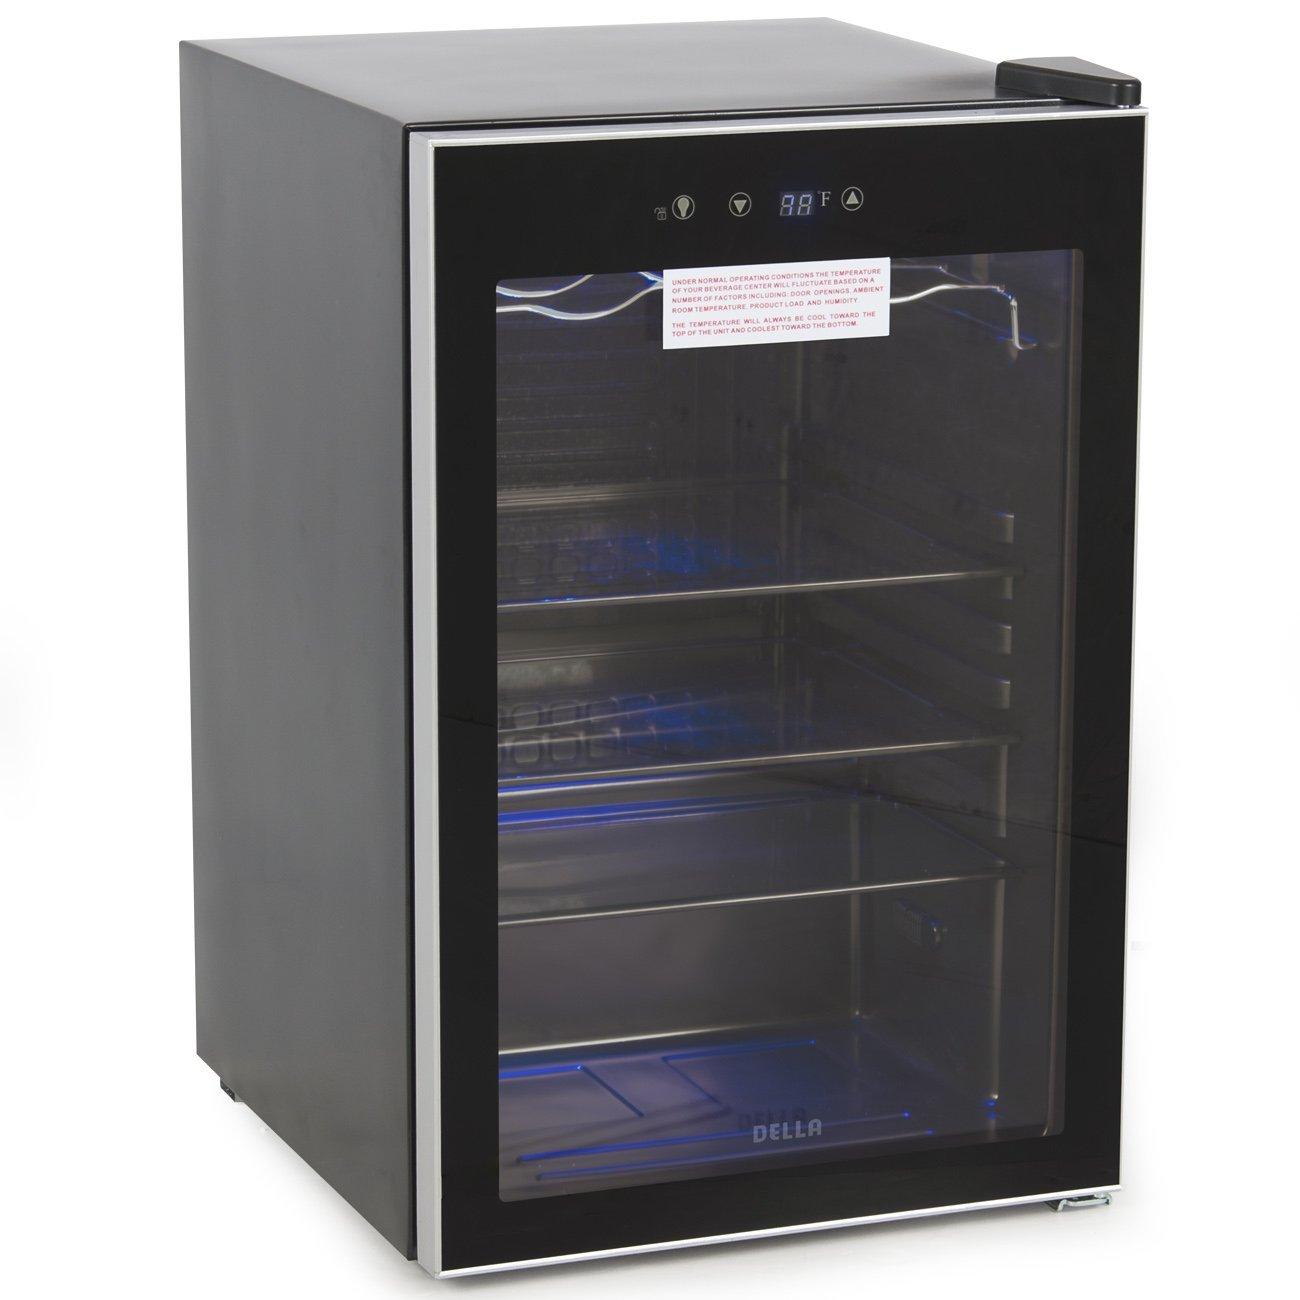 DELLA Beverage Wine Cooler Mini Refrigerator